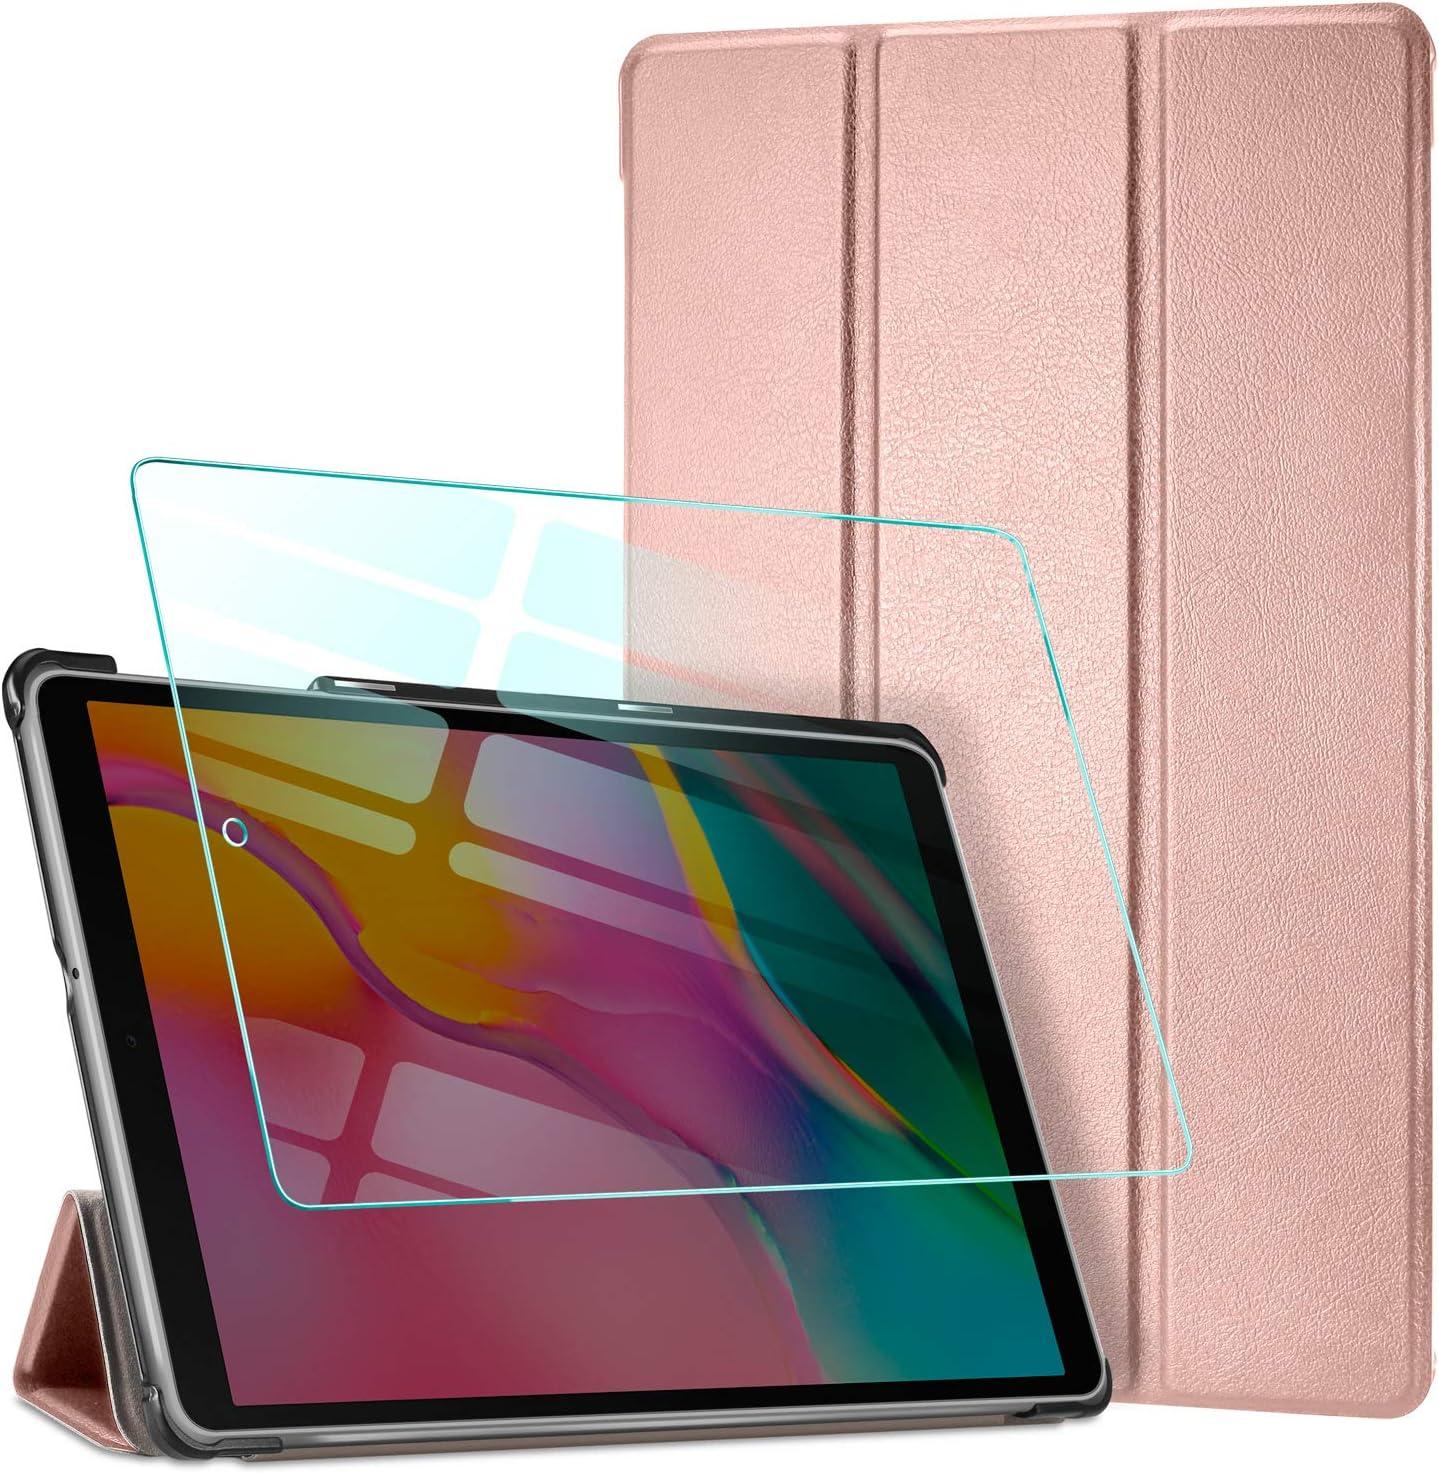 AROYI Funda + Protector Pantalla para Samsung Galaxy Tab A T510/T515 10.1 2019 Carcasa Silicona TPU Smart Cover Case con Soporte Función para Samsung Galaxy Tab A T510/T515 10.1 2019 - Oro Rosa